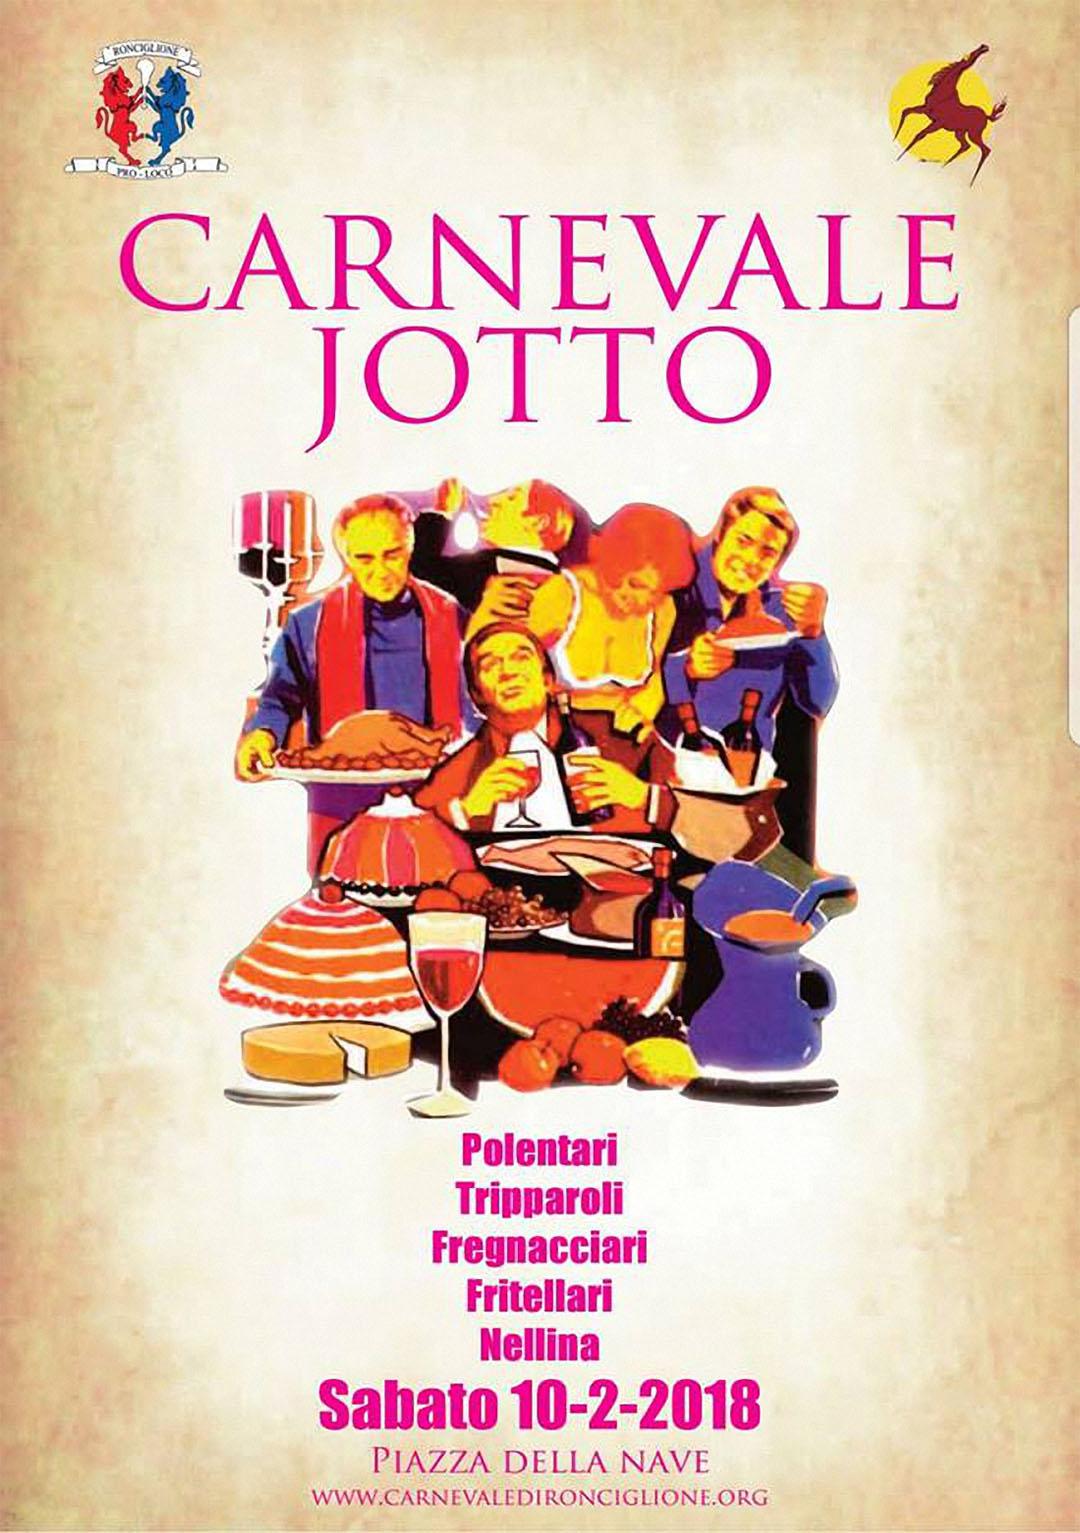 Carnevale Jotto